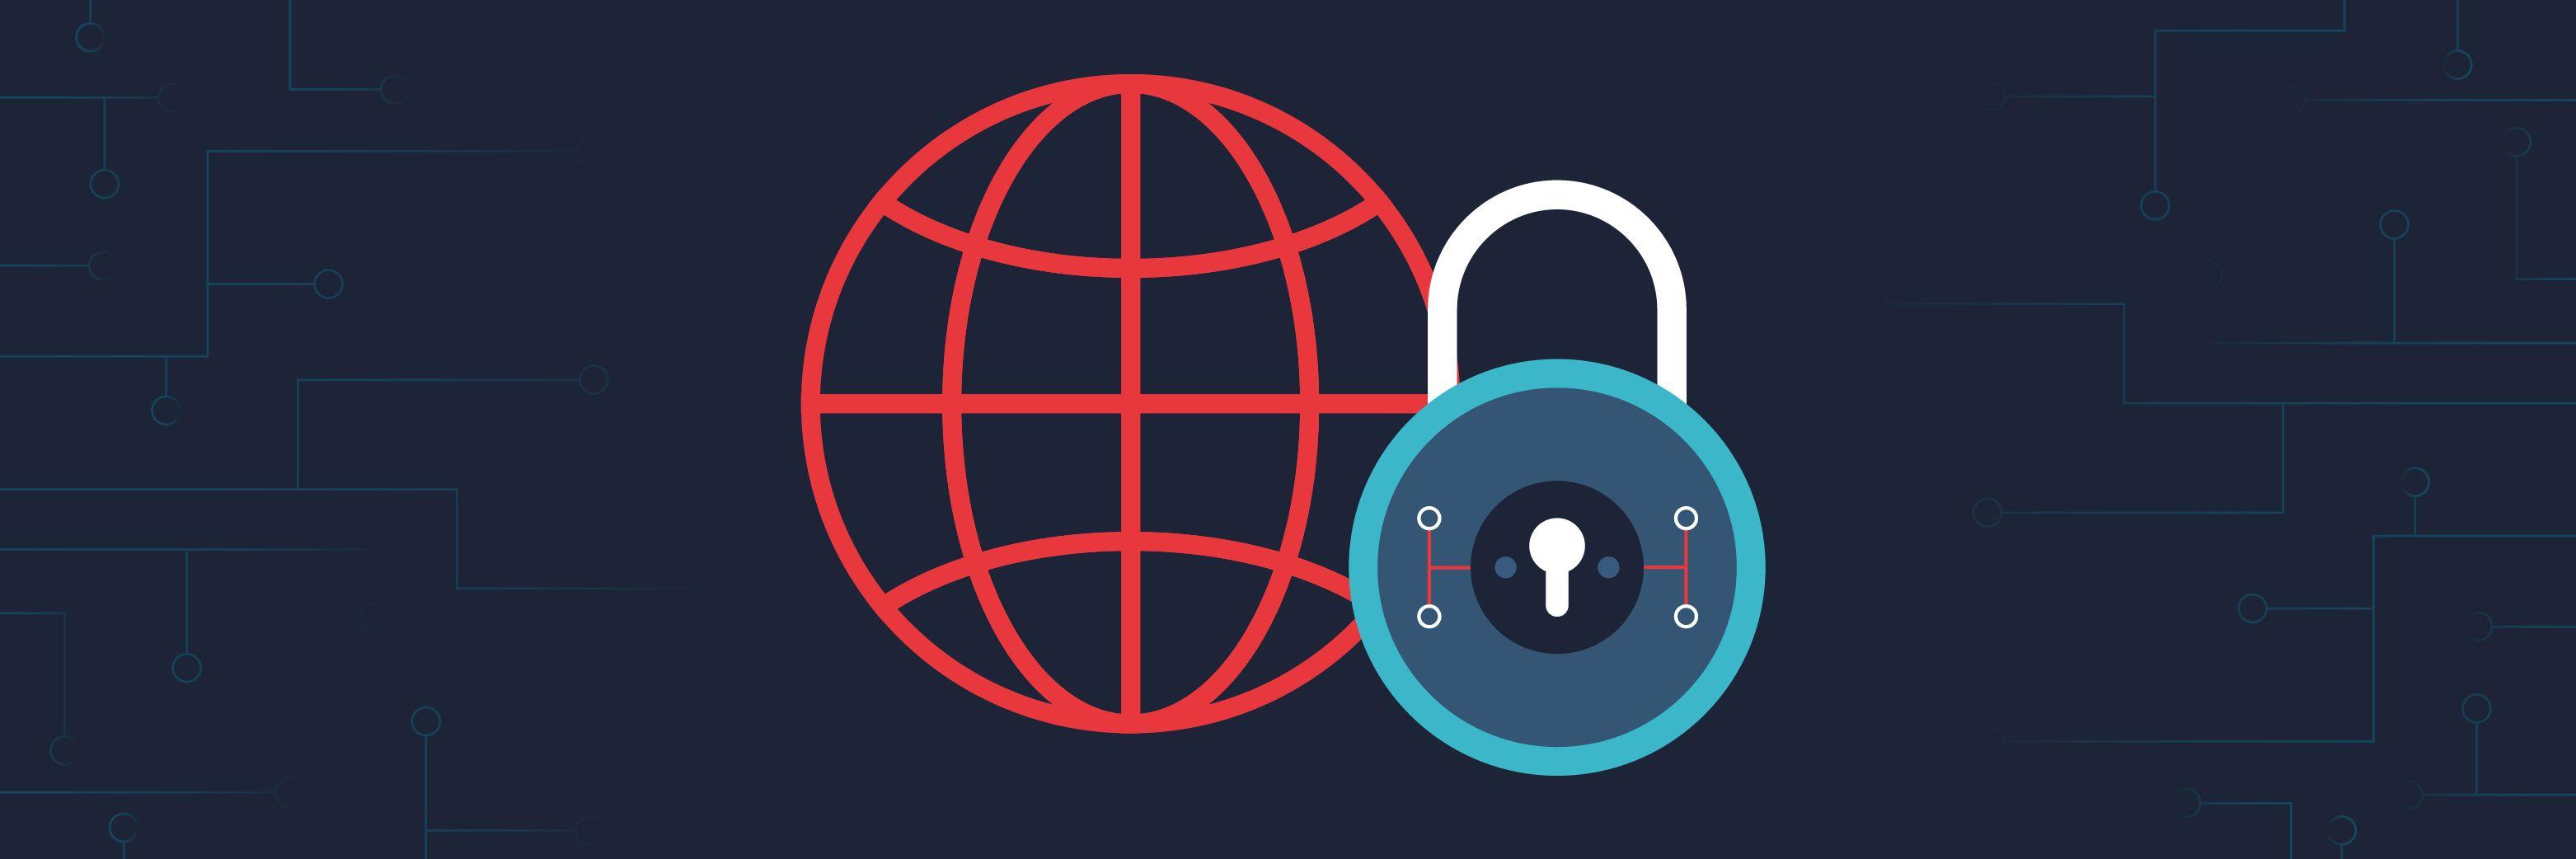 云盾高防采集_服务器防护的几个方法_无限